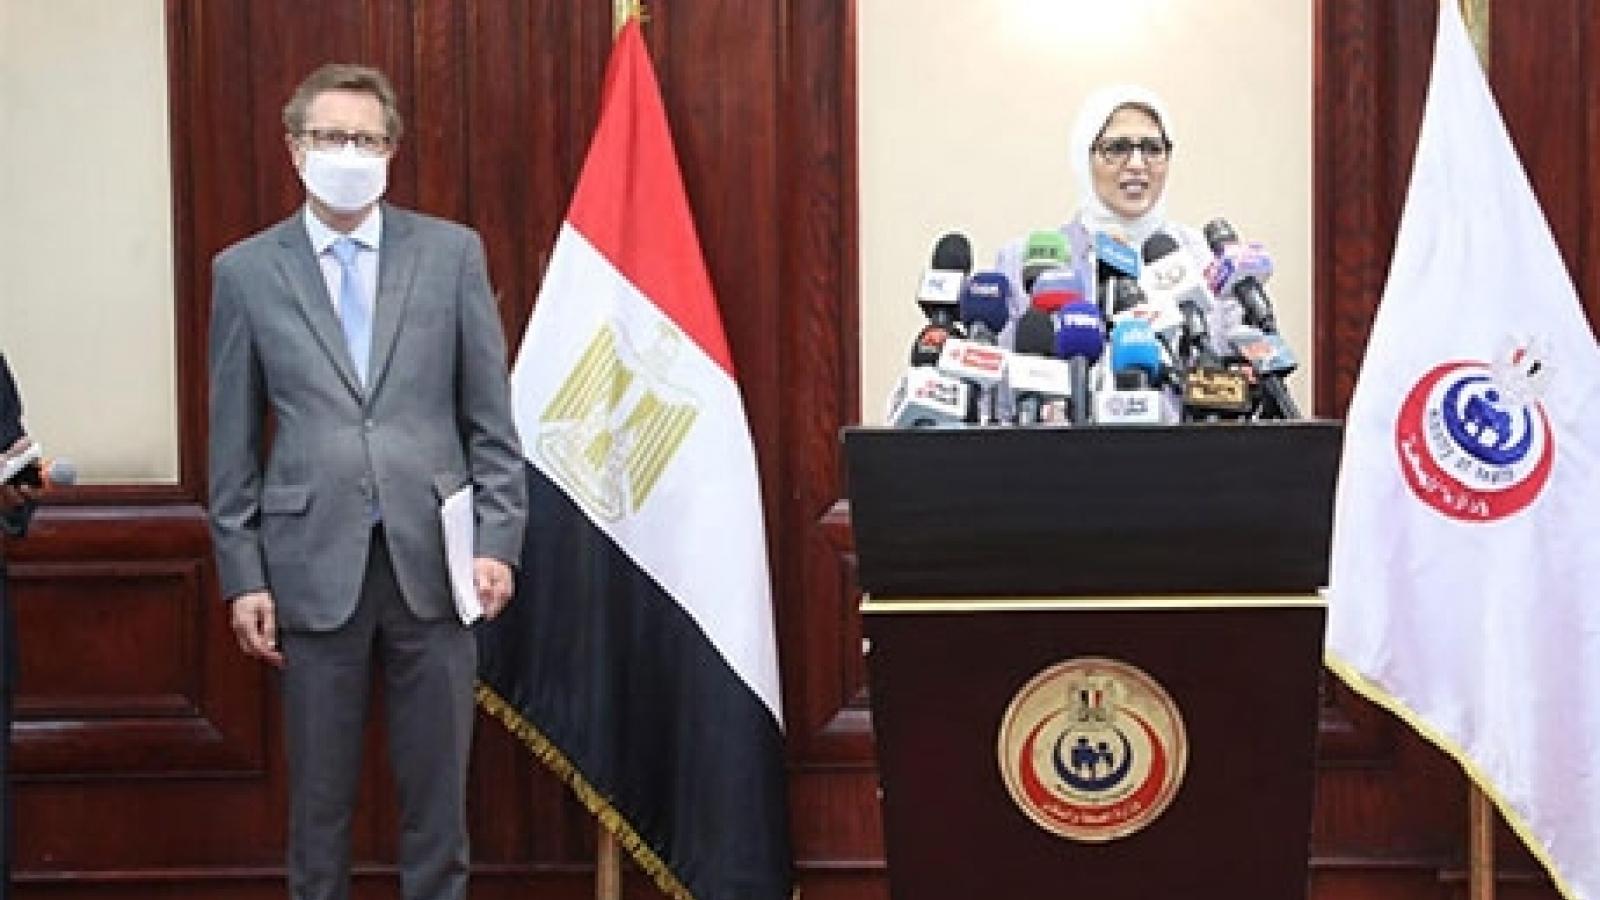 Tỷlệ mắc Covid-19 cao nhất tại Ai Cậpcó thể vào giữa tháng 10